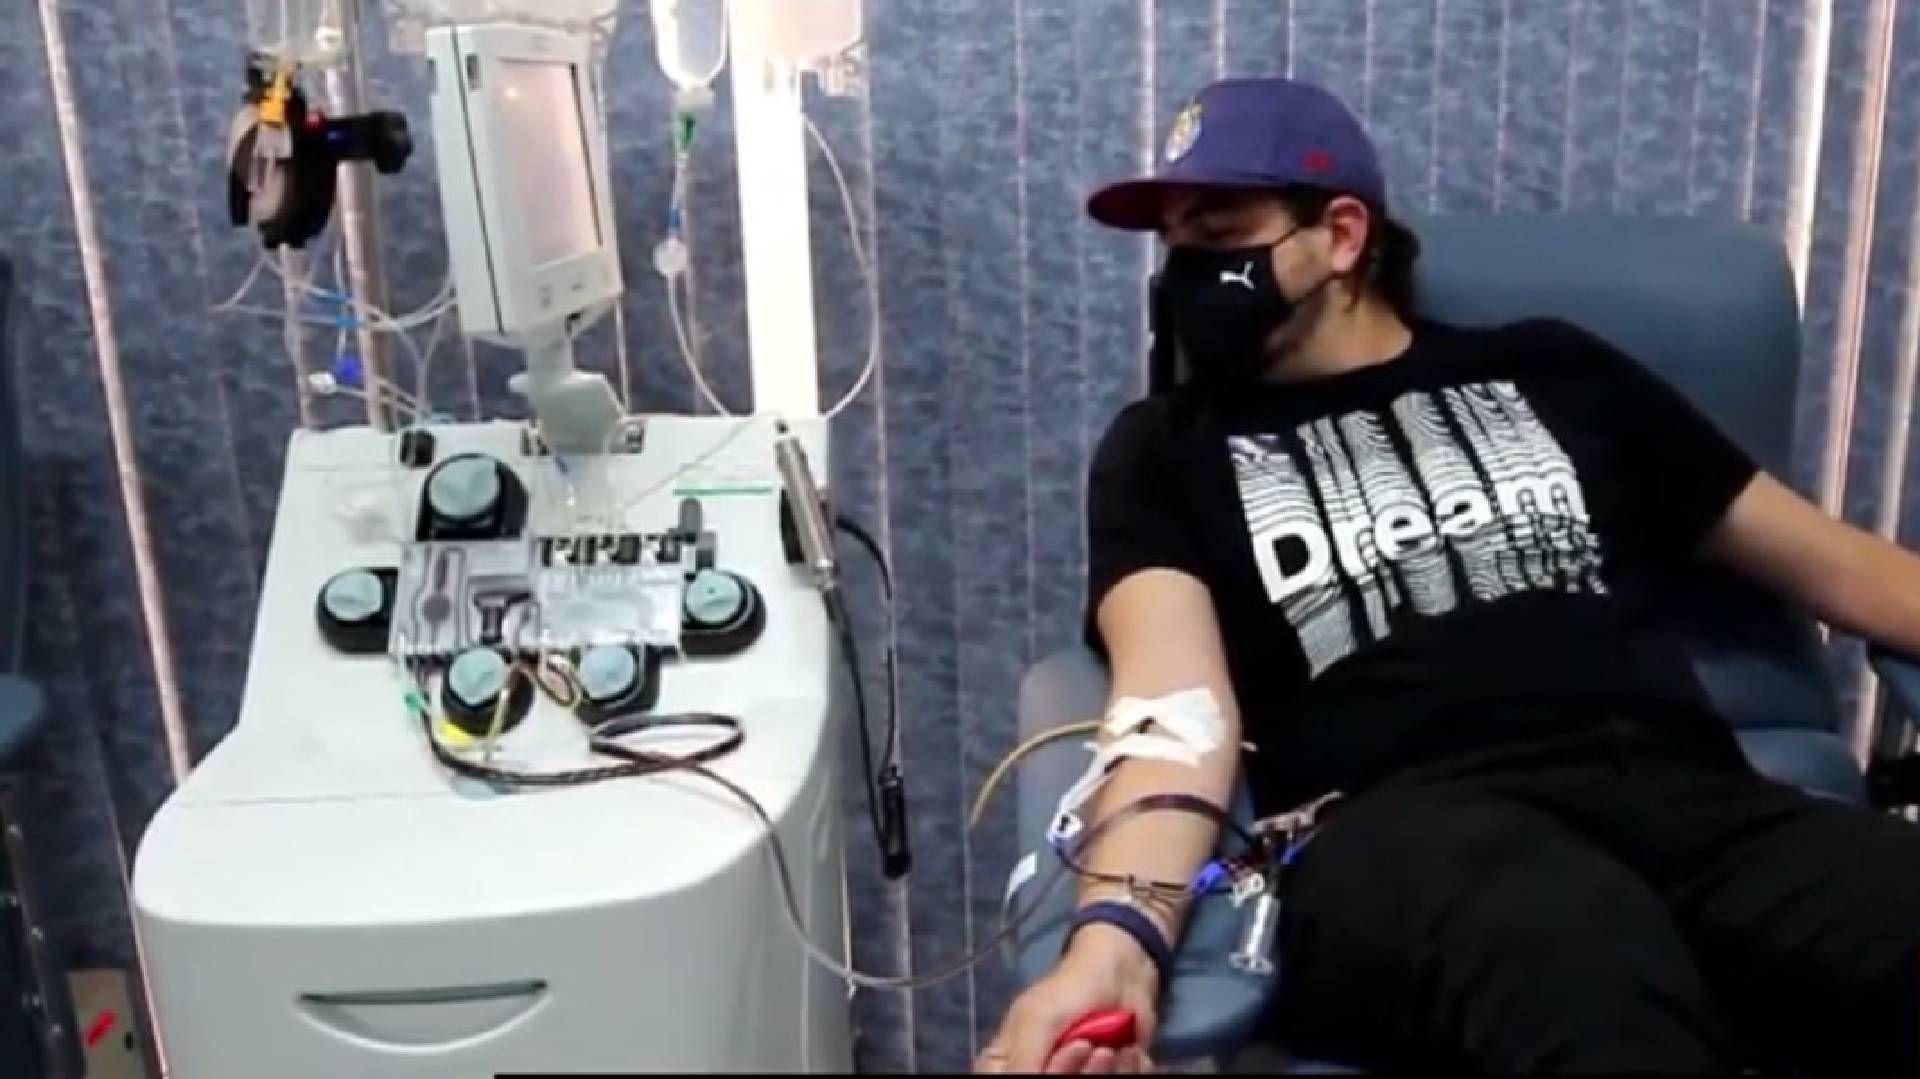 IMSS y Chivas buscarán promover la donación de plasma y sangre (Foto: Captura de pantalla)